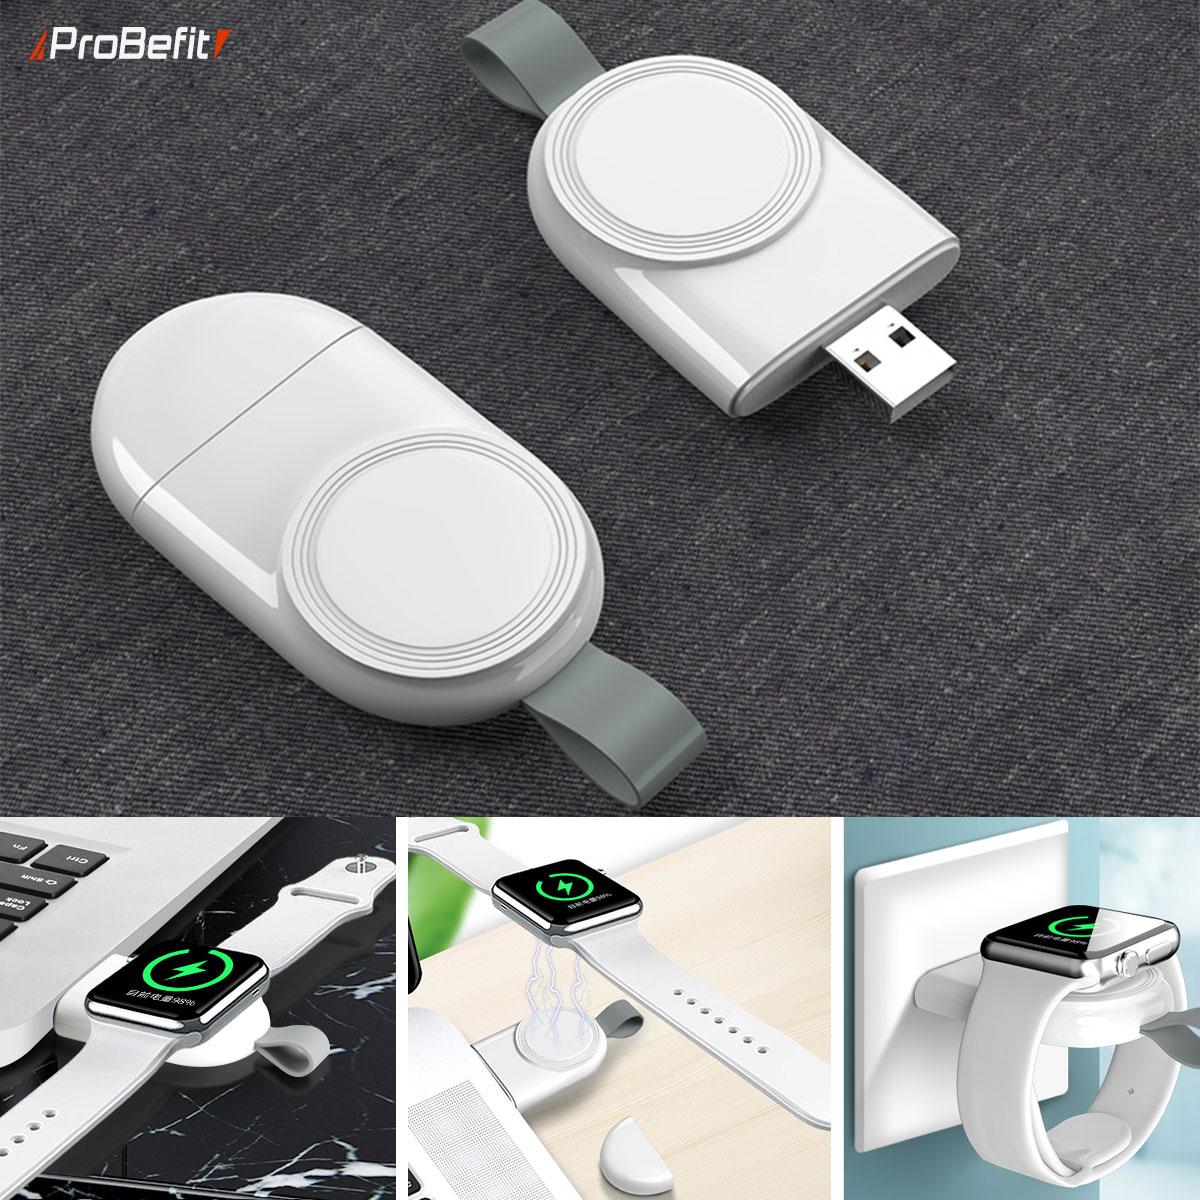 Портативное беспроводное зарядное устройство для IWatch 5 4 зарядная док станция USB зарядный кабель для Apple Watch Series 5 4 3 2 1|Зарядное устройство для часов|   | АлиЭкспресс